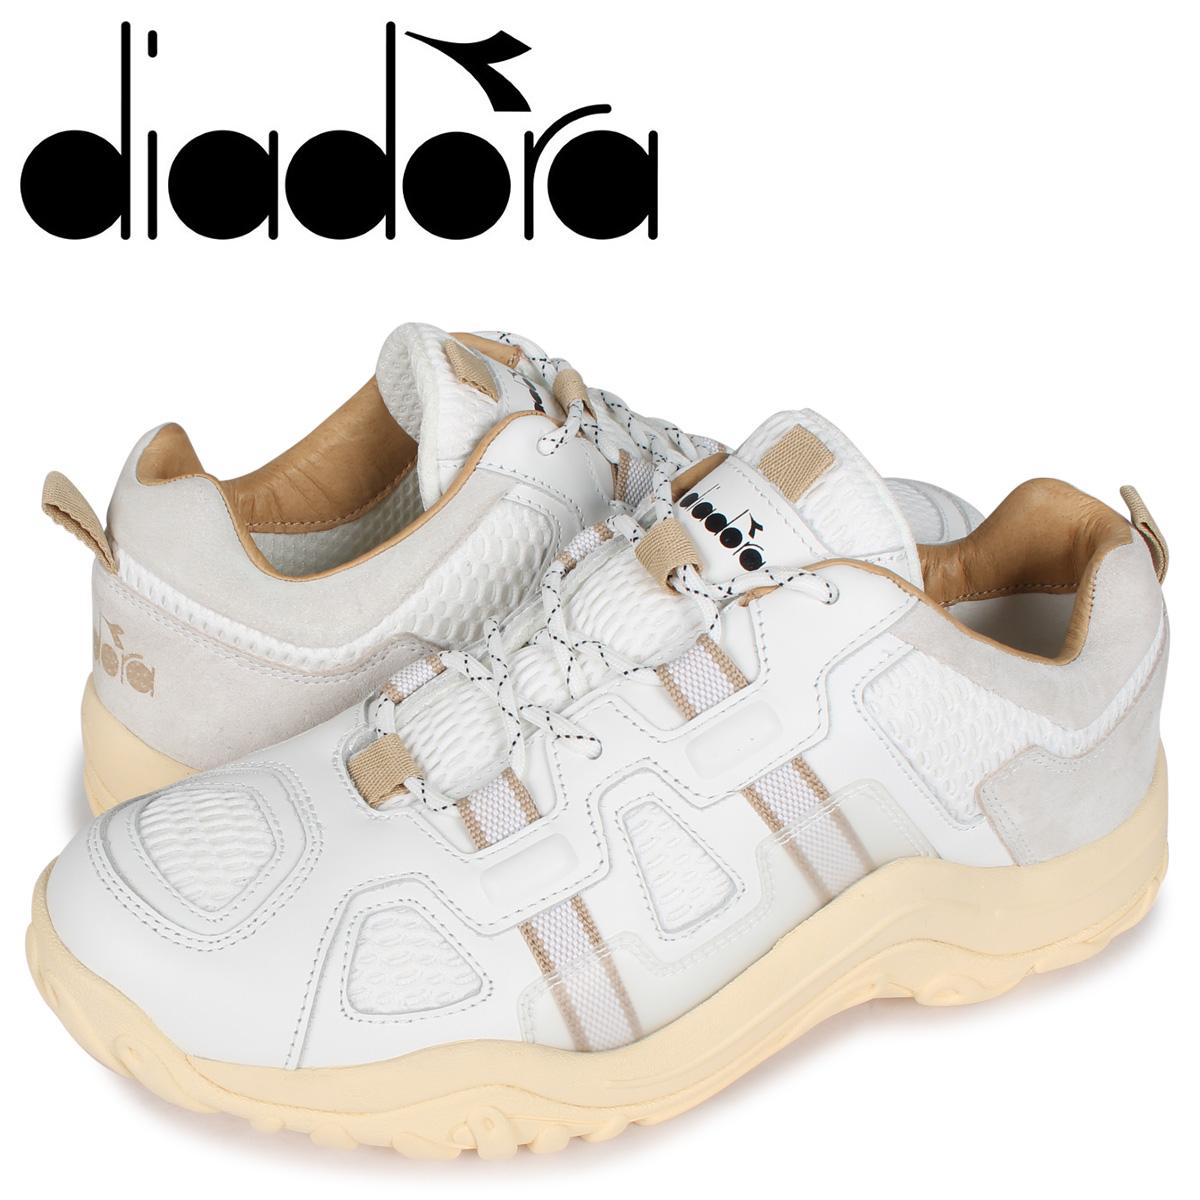 ディアドラ Diadora アルパカ スニーカー メンズ ALPACA ホワイト 白 176336-0657 [4/23 新入荷]